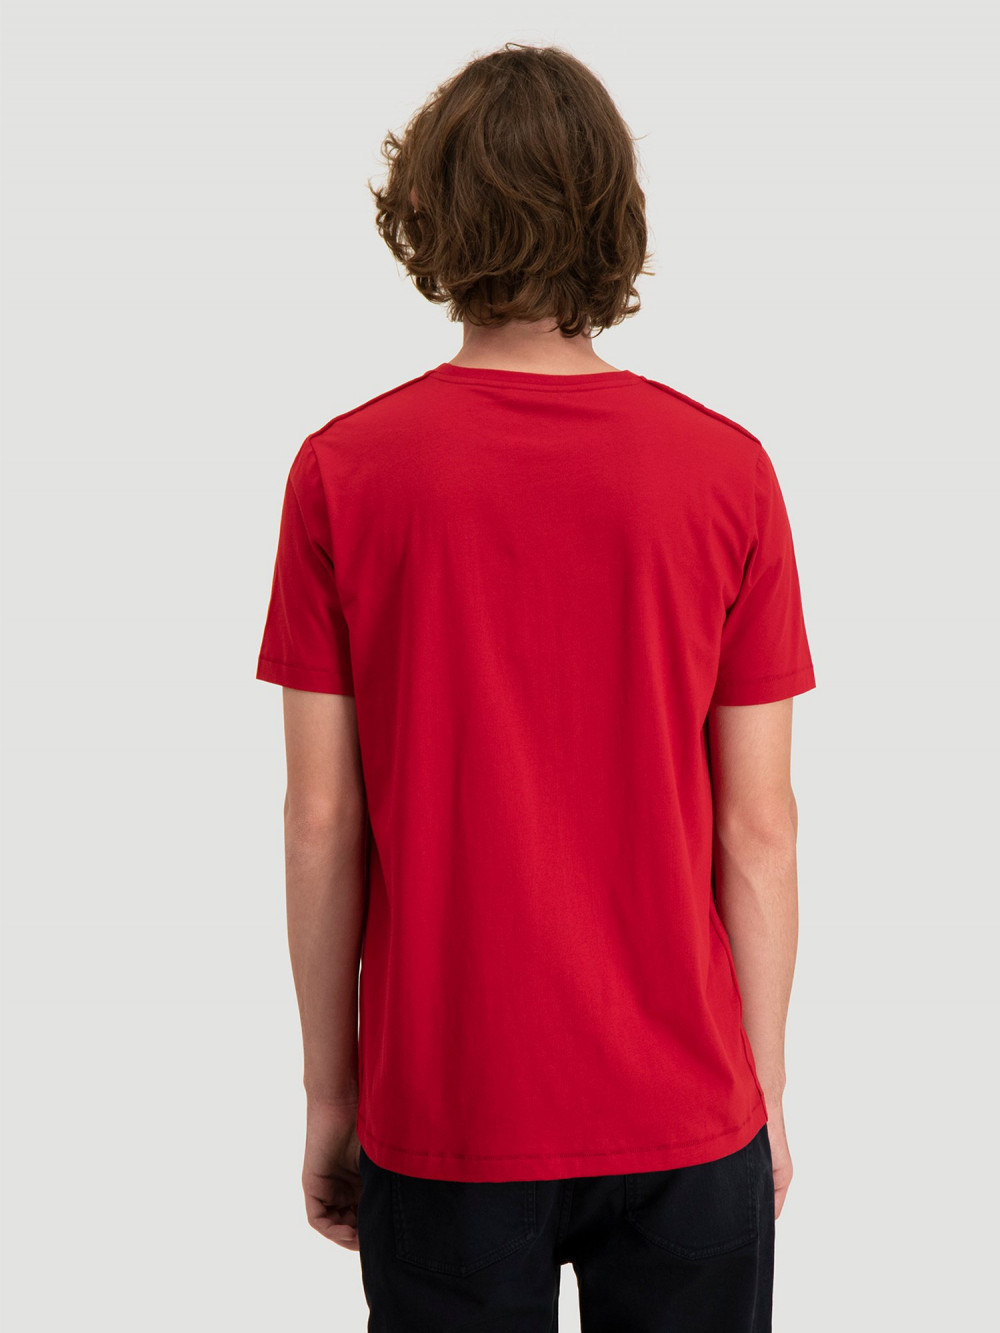 Hanger tee, red